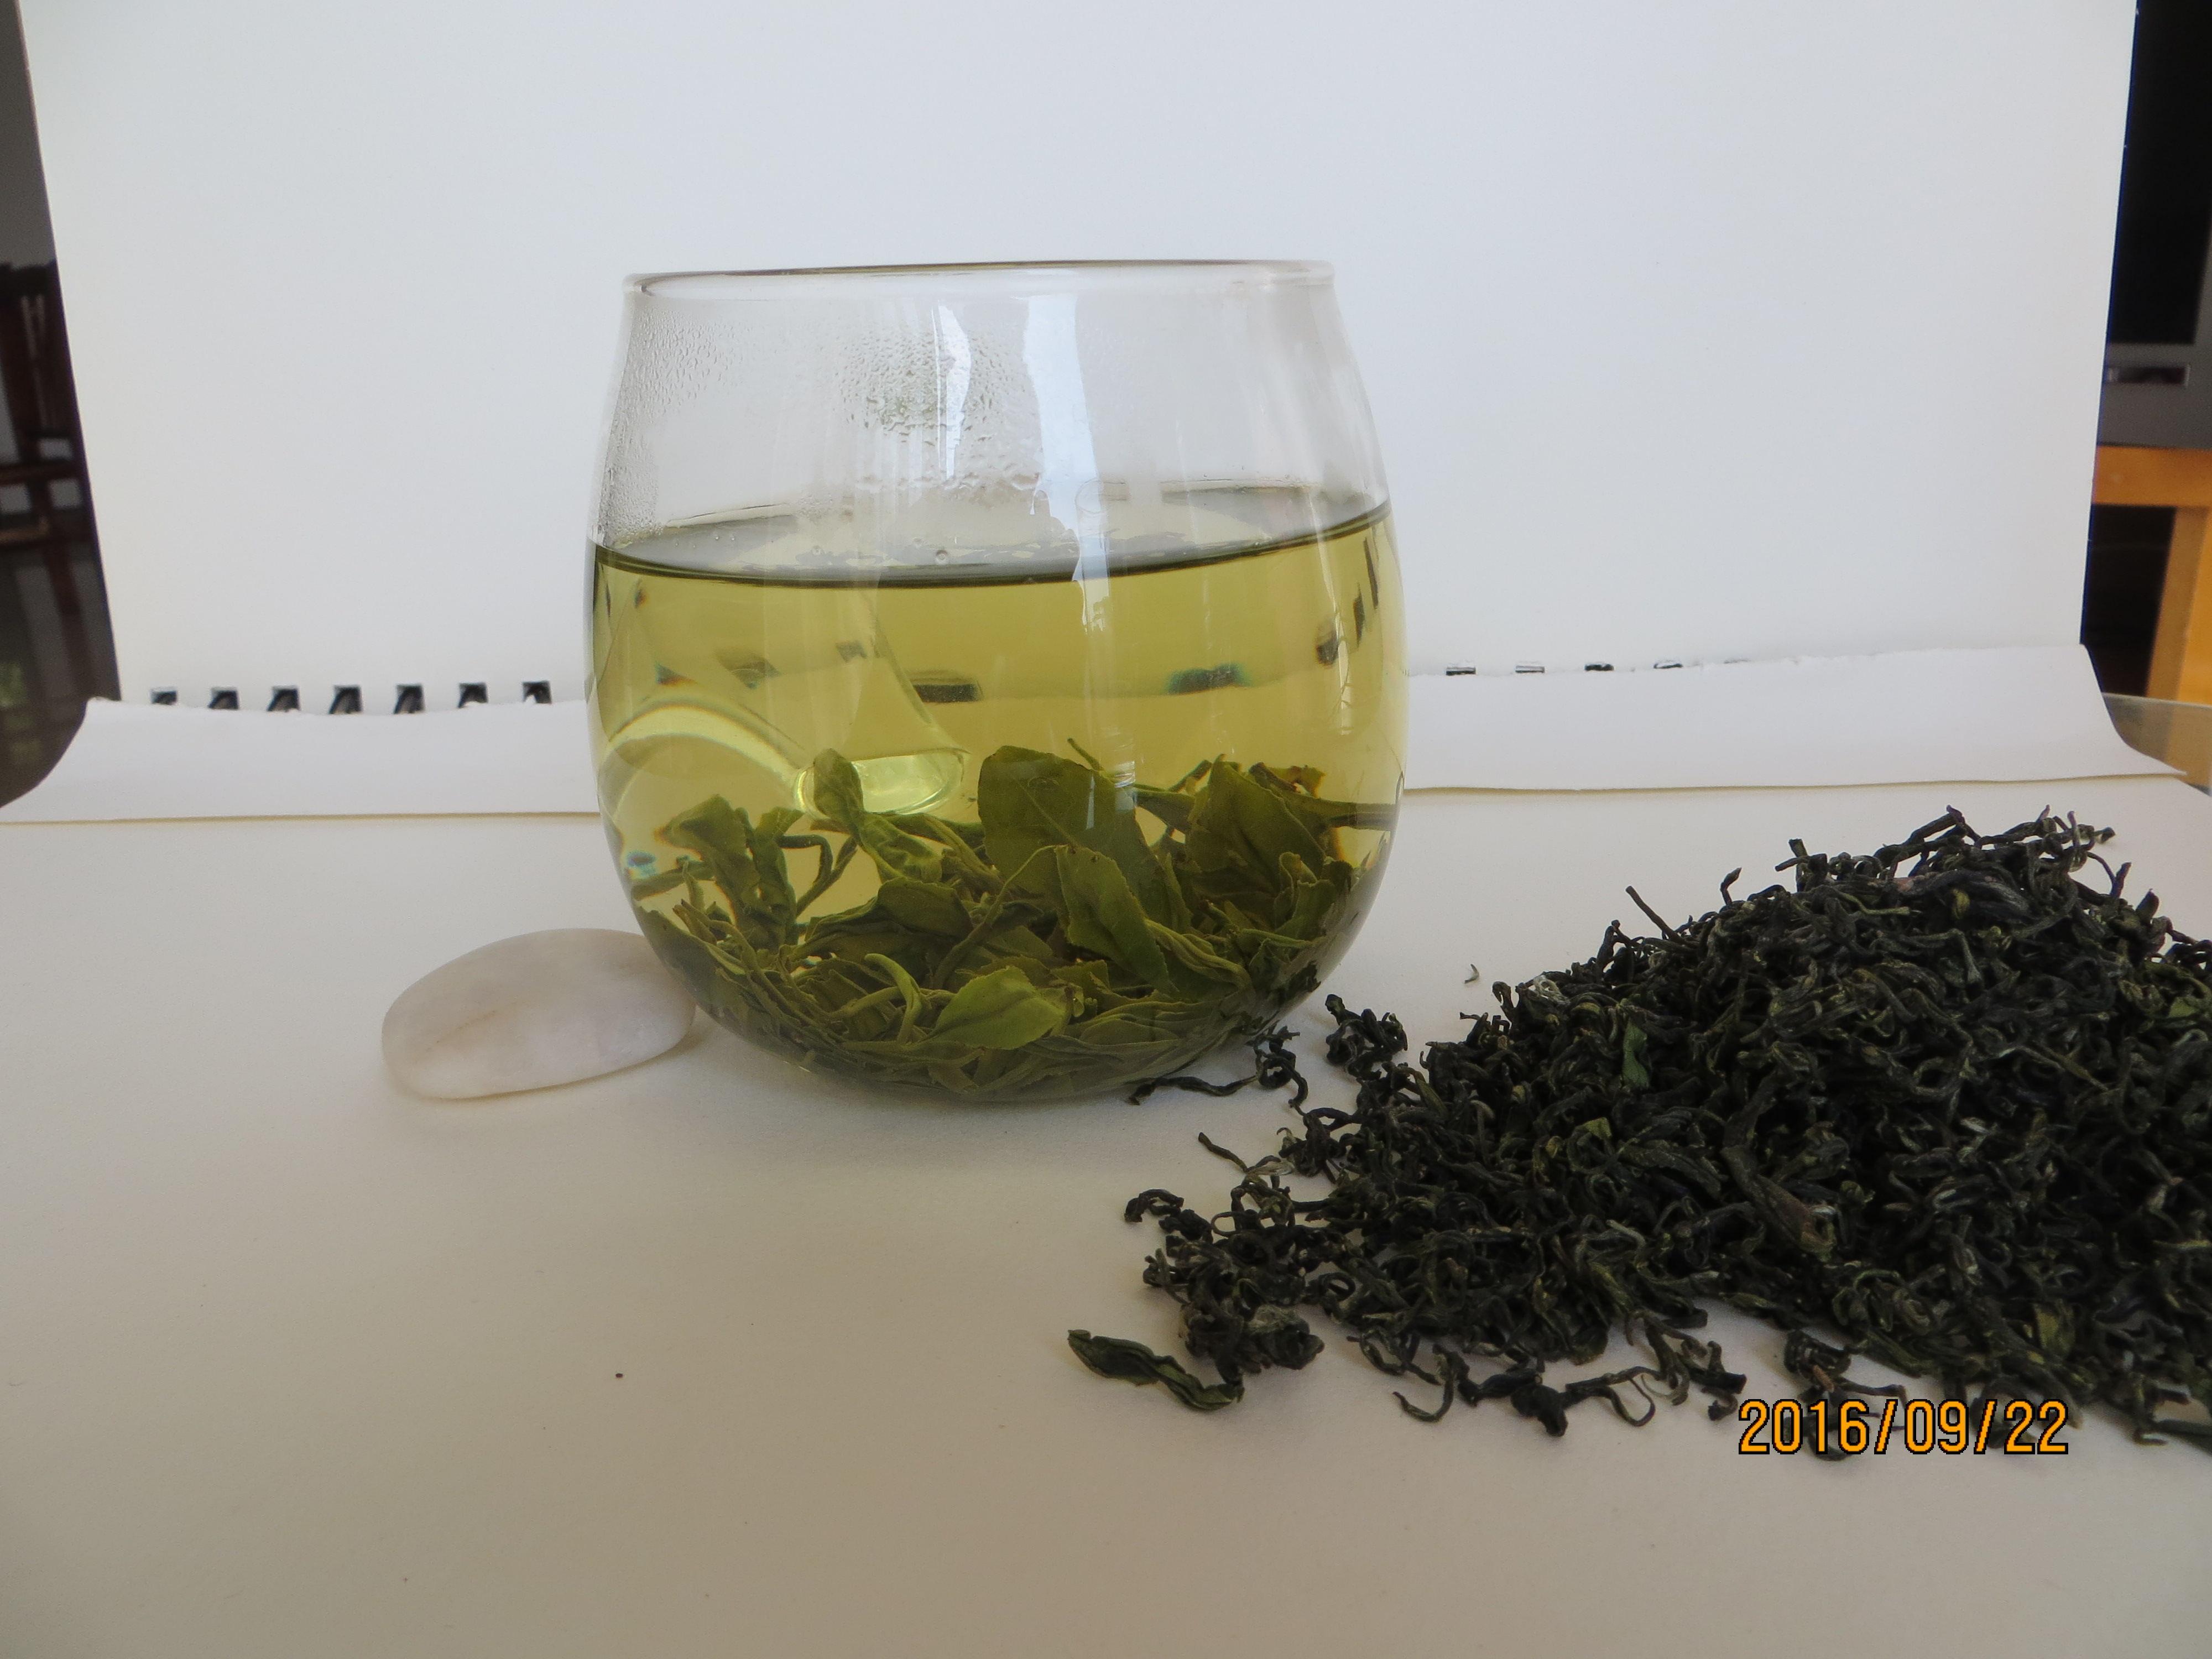 Το φως του ήλιου το Πράσινο τσάι τηγανητό κιν - τσάι φάρμα 17 χρόνια ρύπανση - Πράσινο τσάι βουνό ομίχλη αφρός ανθεκτικός Πράσινο τσάι 500g σου τσάντα.